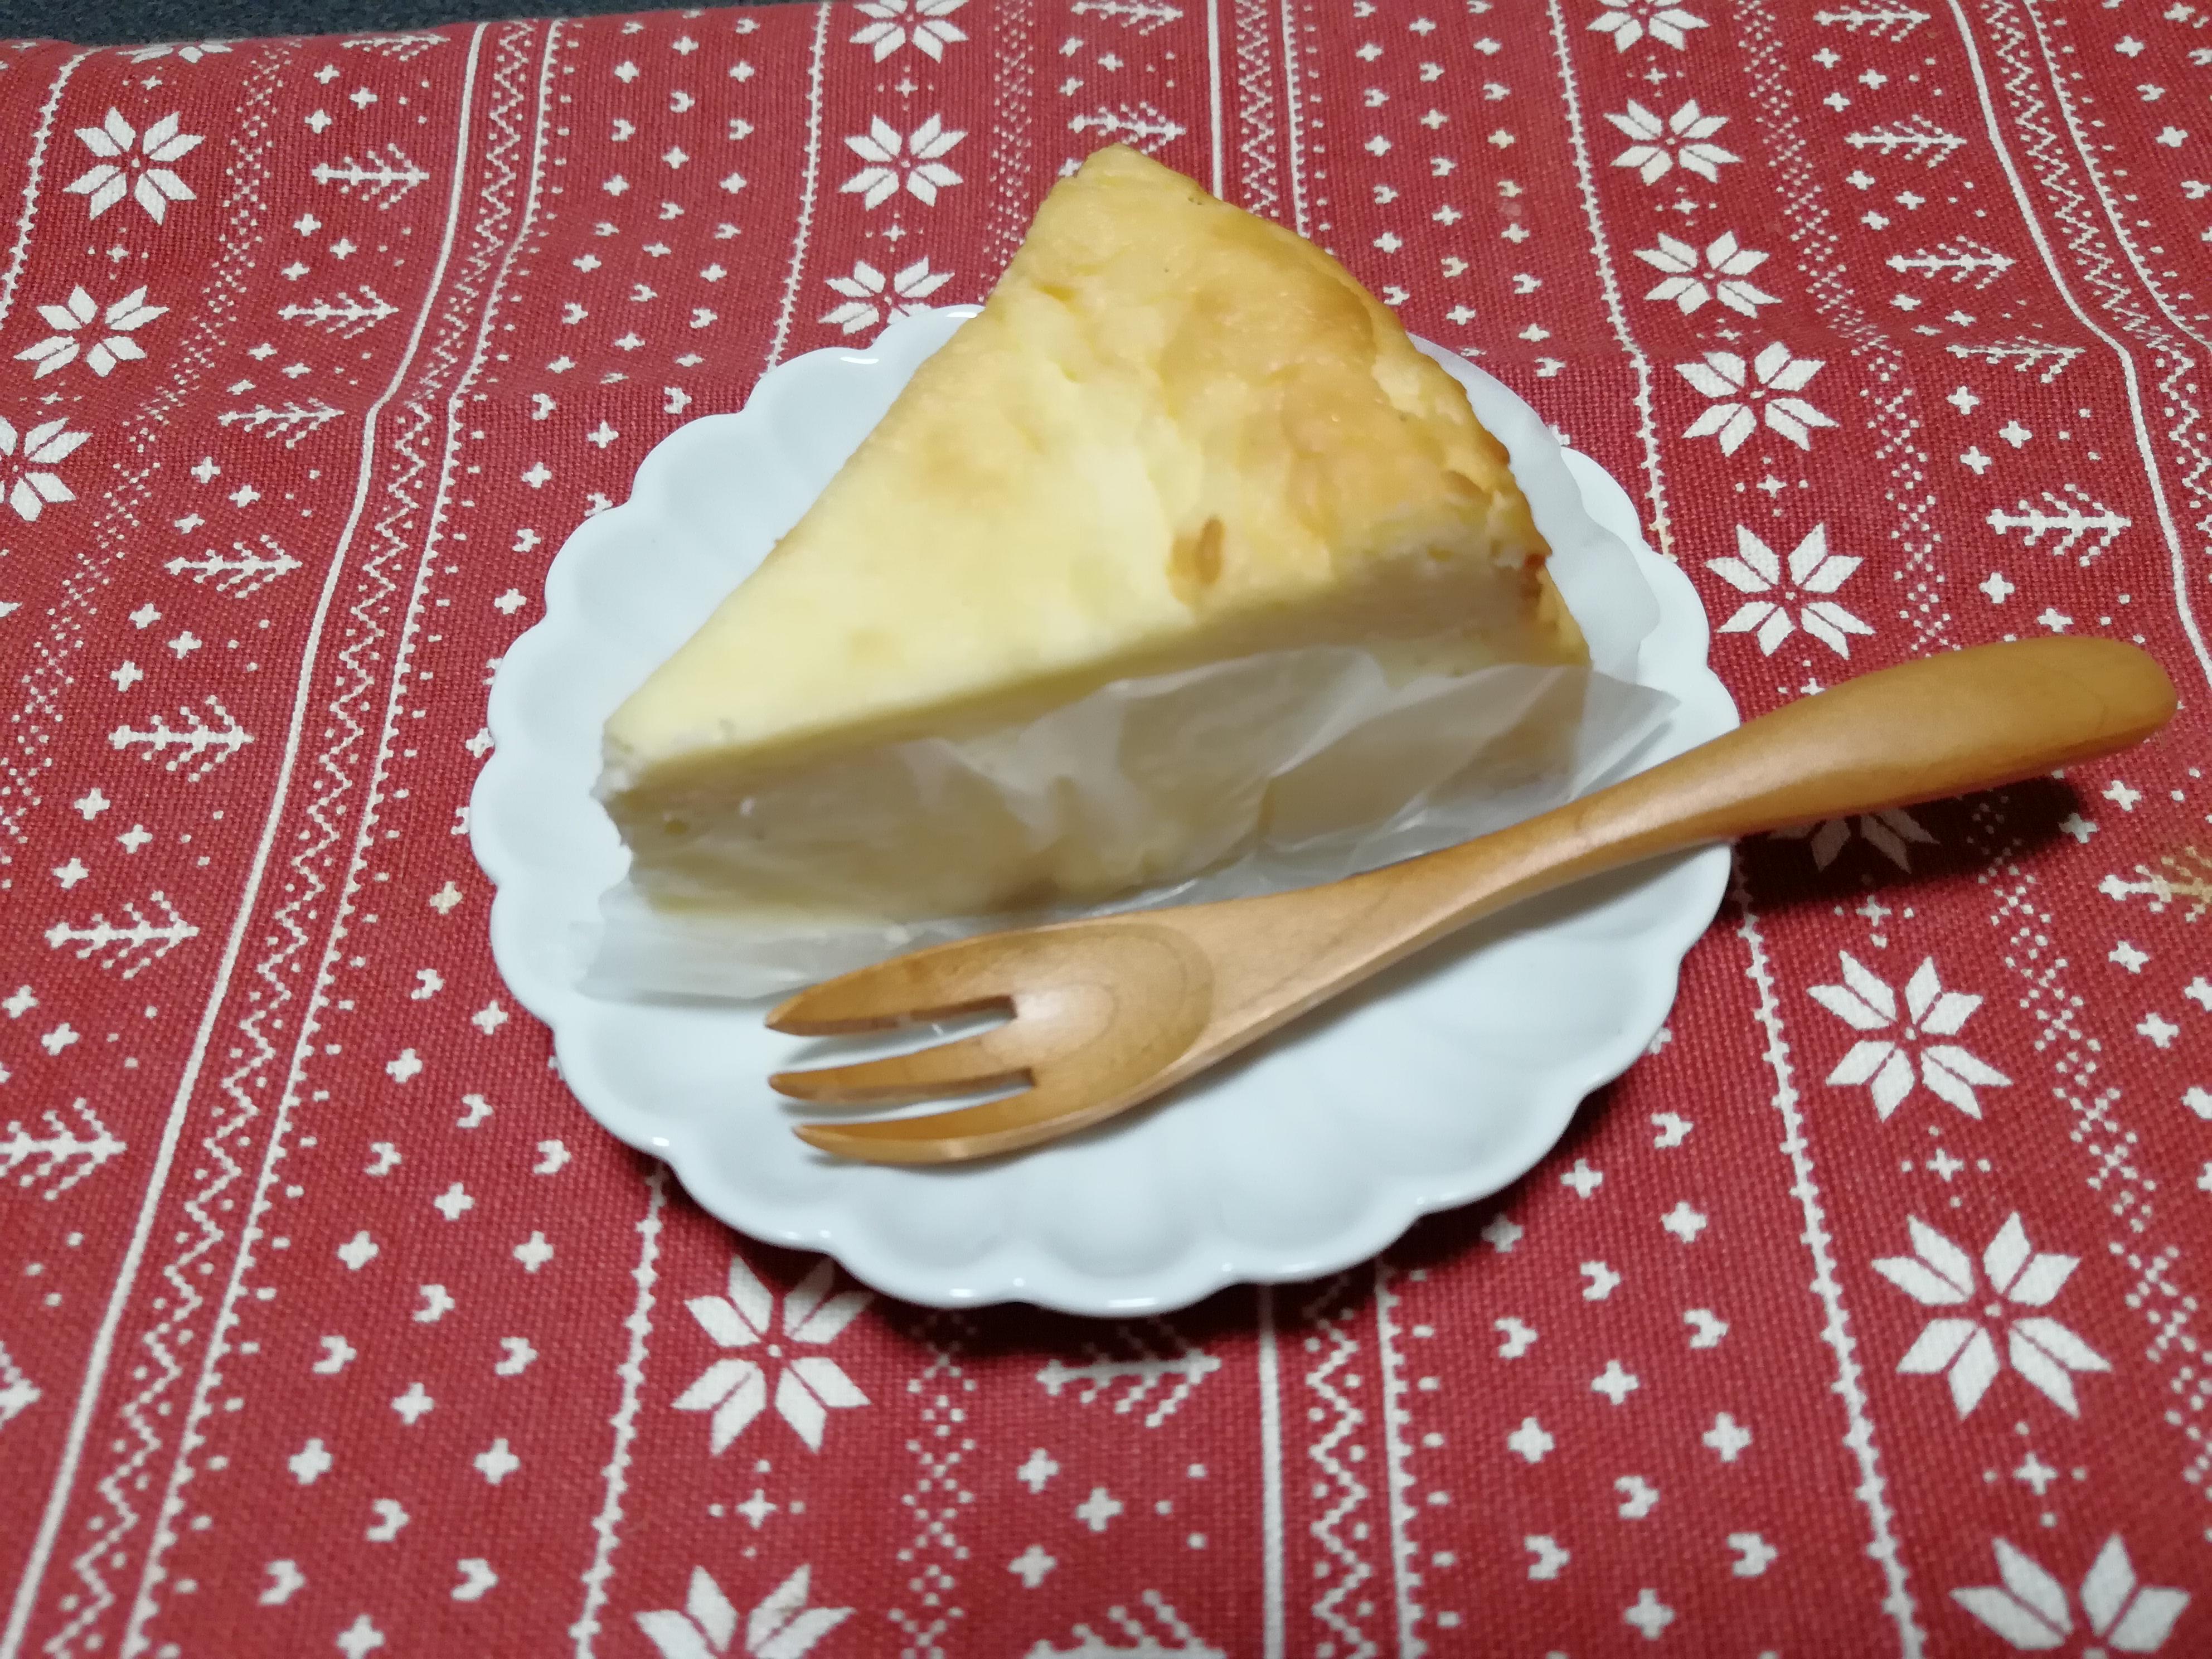 爽やかな味わいがクセになる!八幡浜の海が一望できる噂の「PARK SIDE BAKE」の「チーズケーキ」を食べてきたよ!